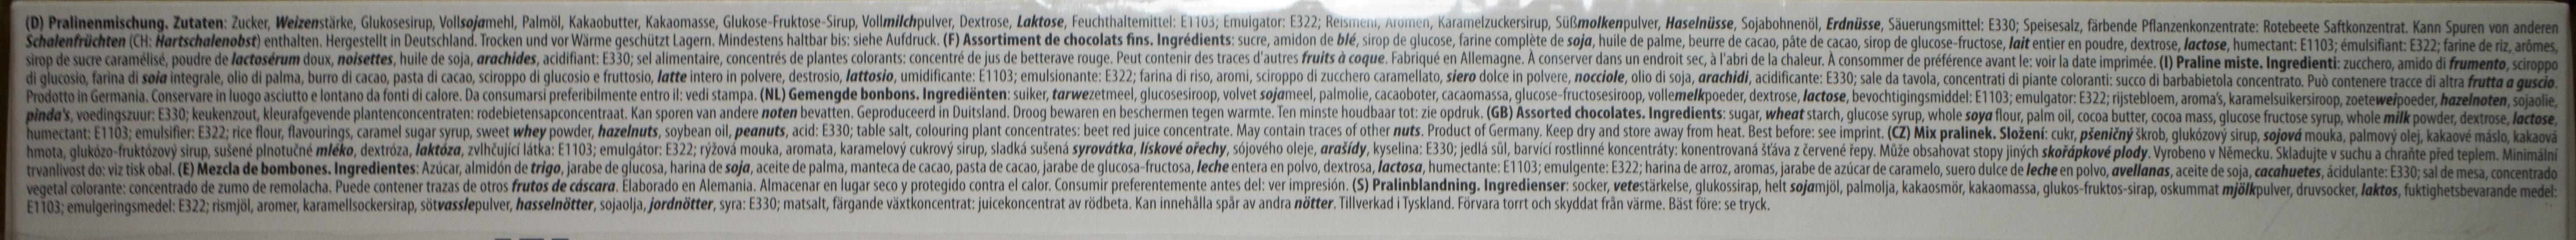 Feine Pralinen-Auswahl - Ingredients - de